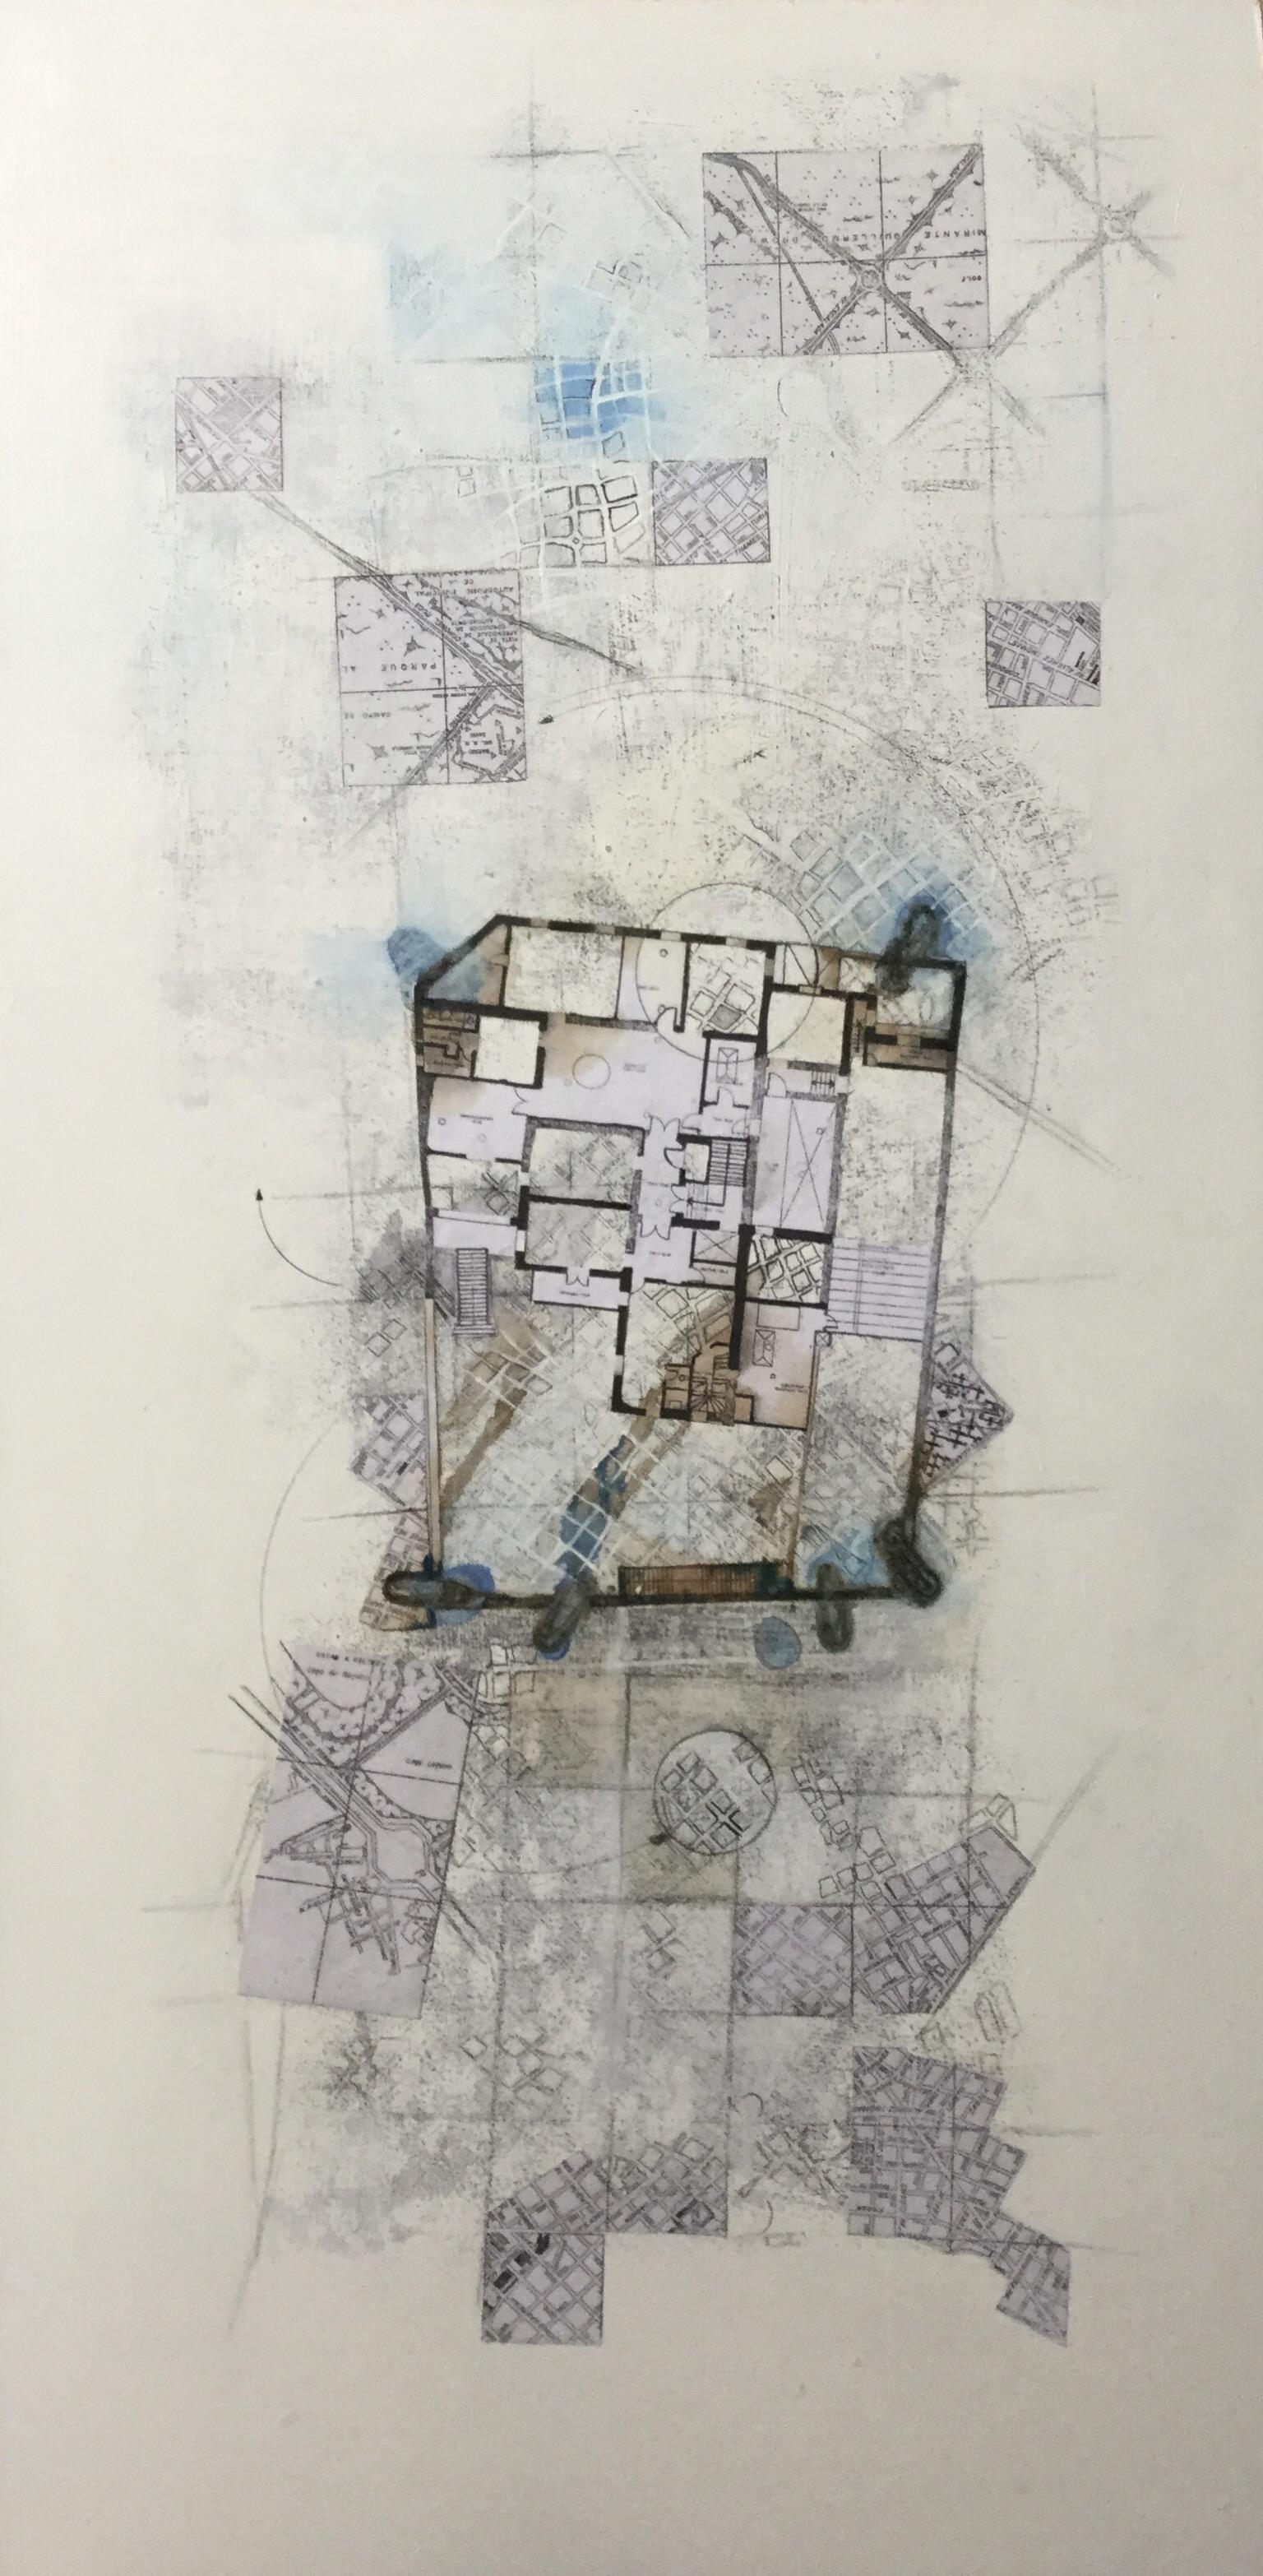 Mapa 5. Sería 'La nuda vida' (2019) - Fernanda Rege